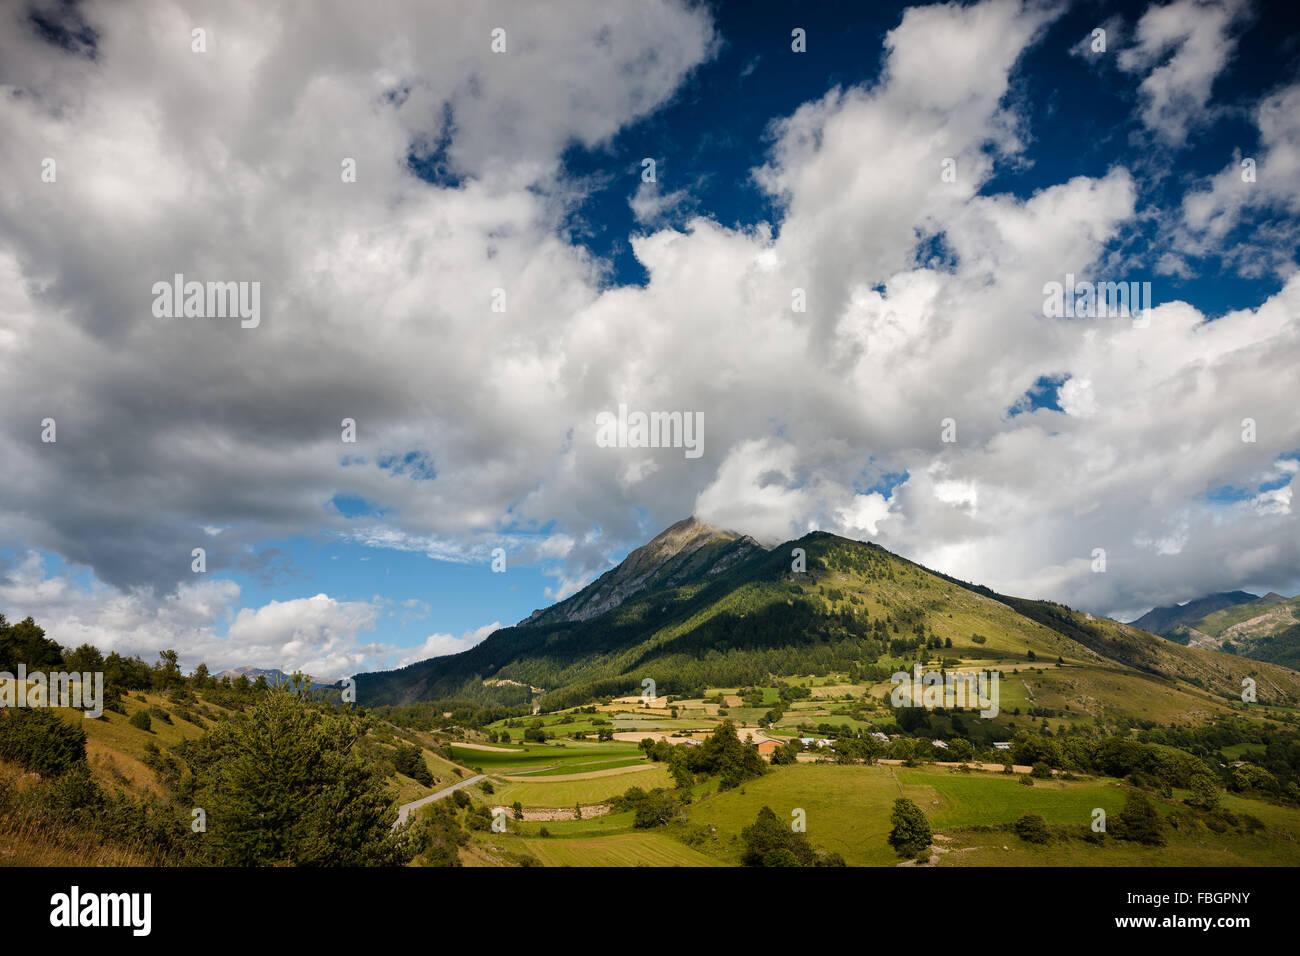 Las montañas de la Petite Autane Cuchon y con el pueblo de Les Faix, Champsaur, Alpes Franceses en verano. Imagen De Stock